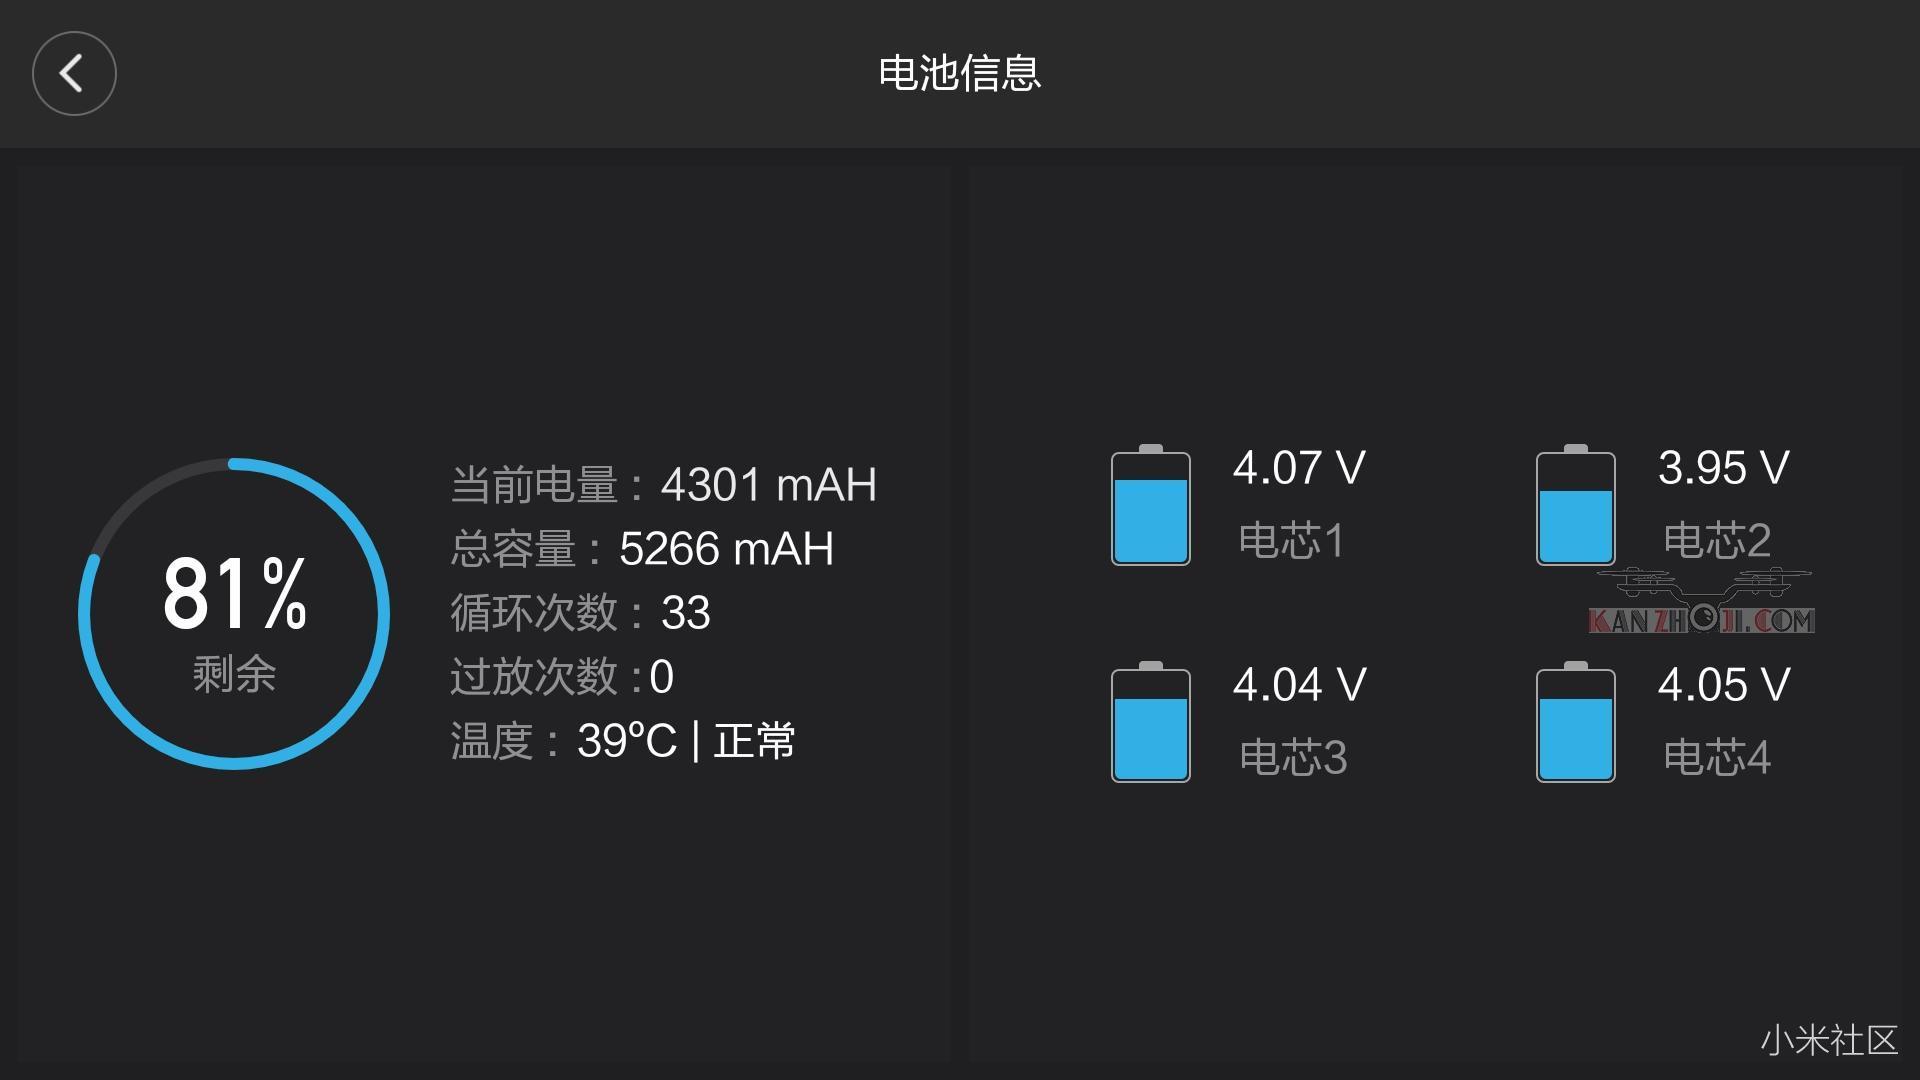 4K无人机航拍不久提示一块电池电芯可能异常